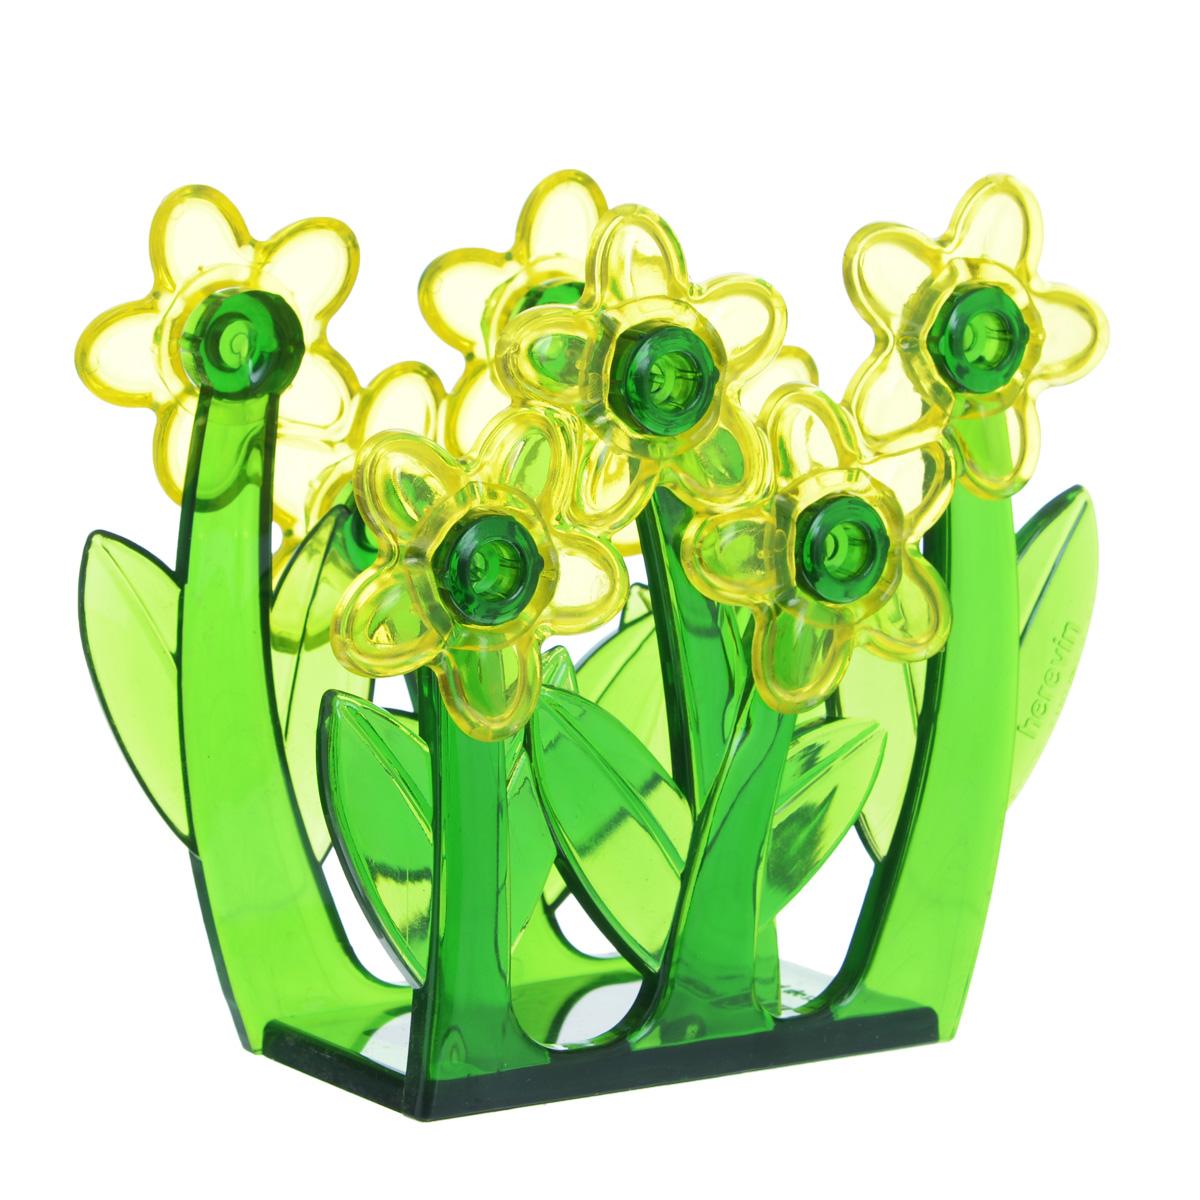 Салфетница Herevin, цвет: желтый54 009312Салфетница Herevin, изготовленная из высококачественного прочного пластика, оформлена декоративными цветами. Яркий и оригинальный дизайн несомненно придется вам по вкусу. Такая салфетница великолепно украсит праздничный стол.